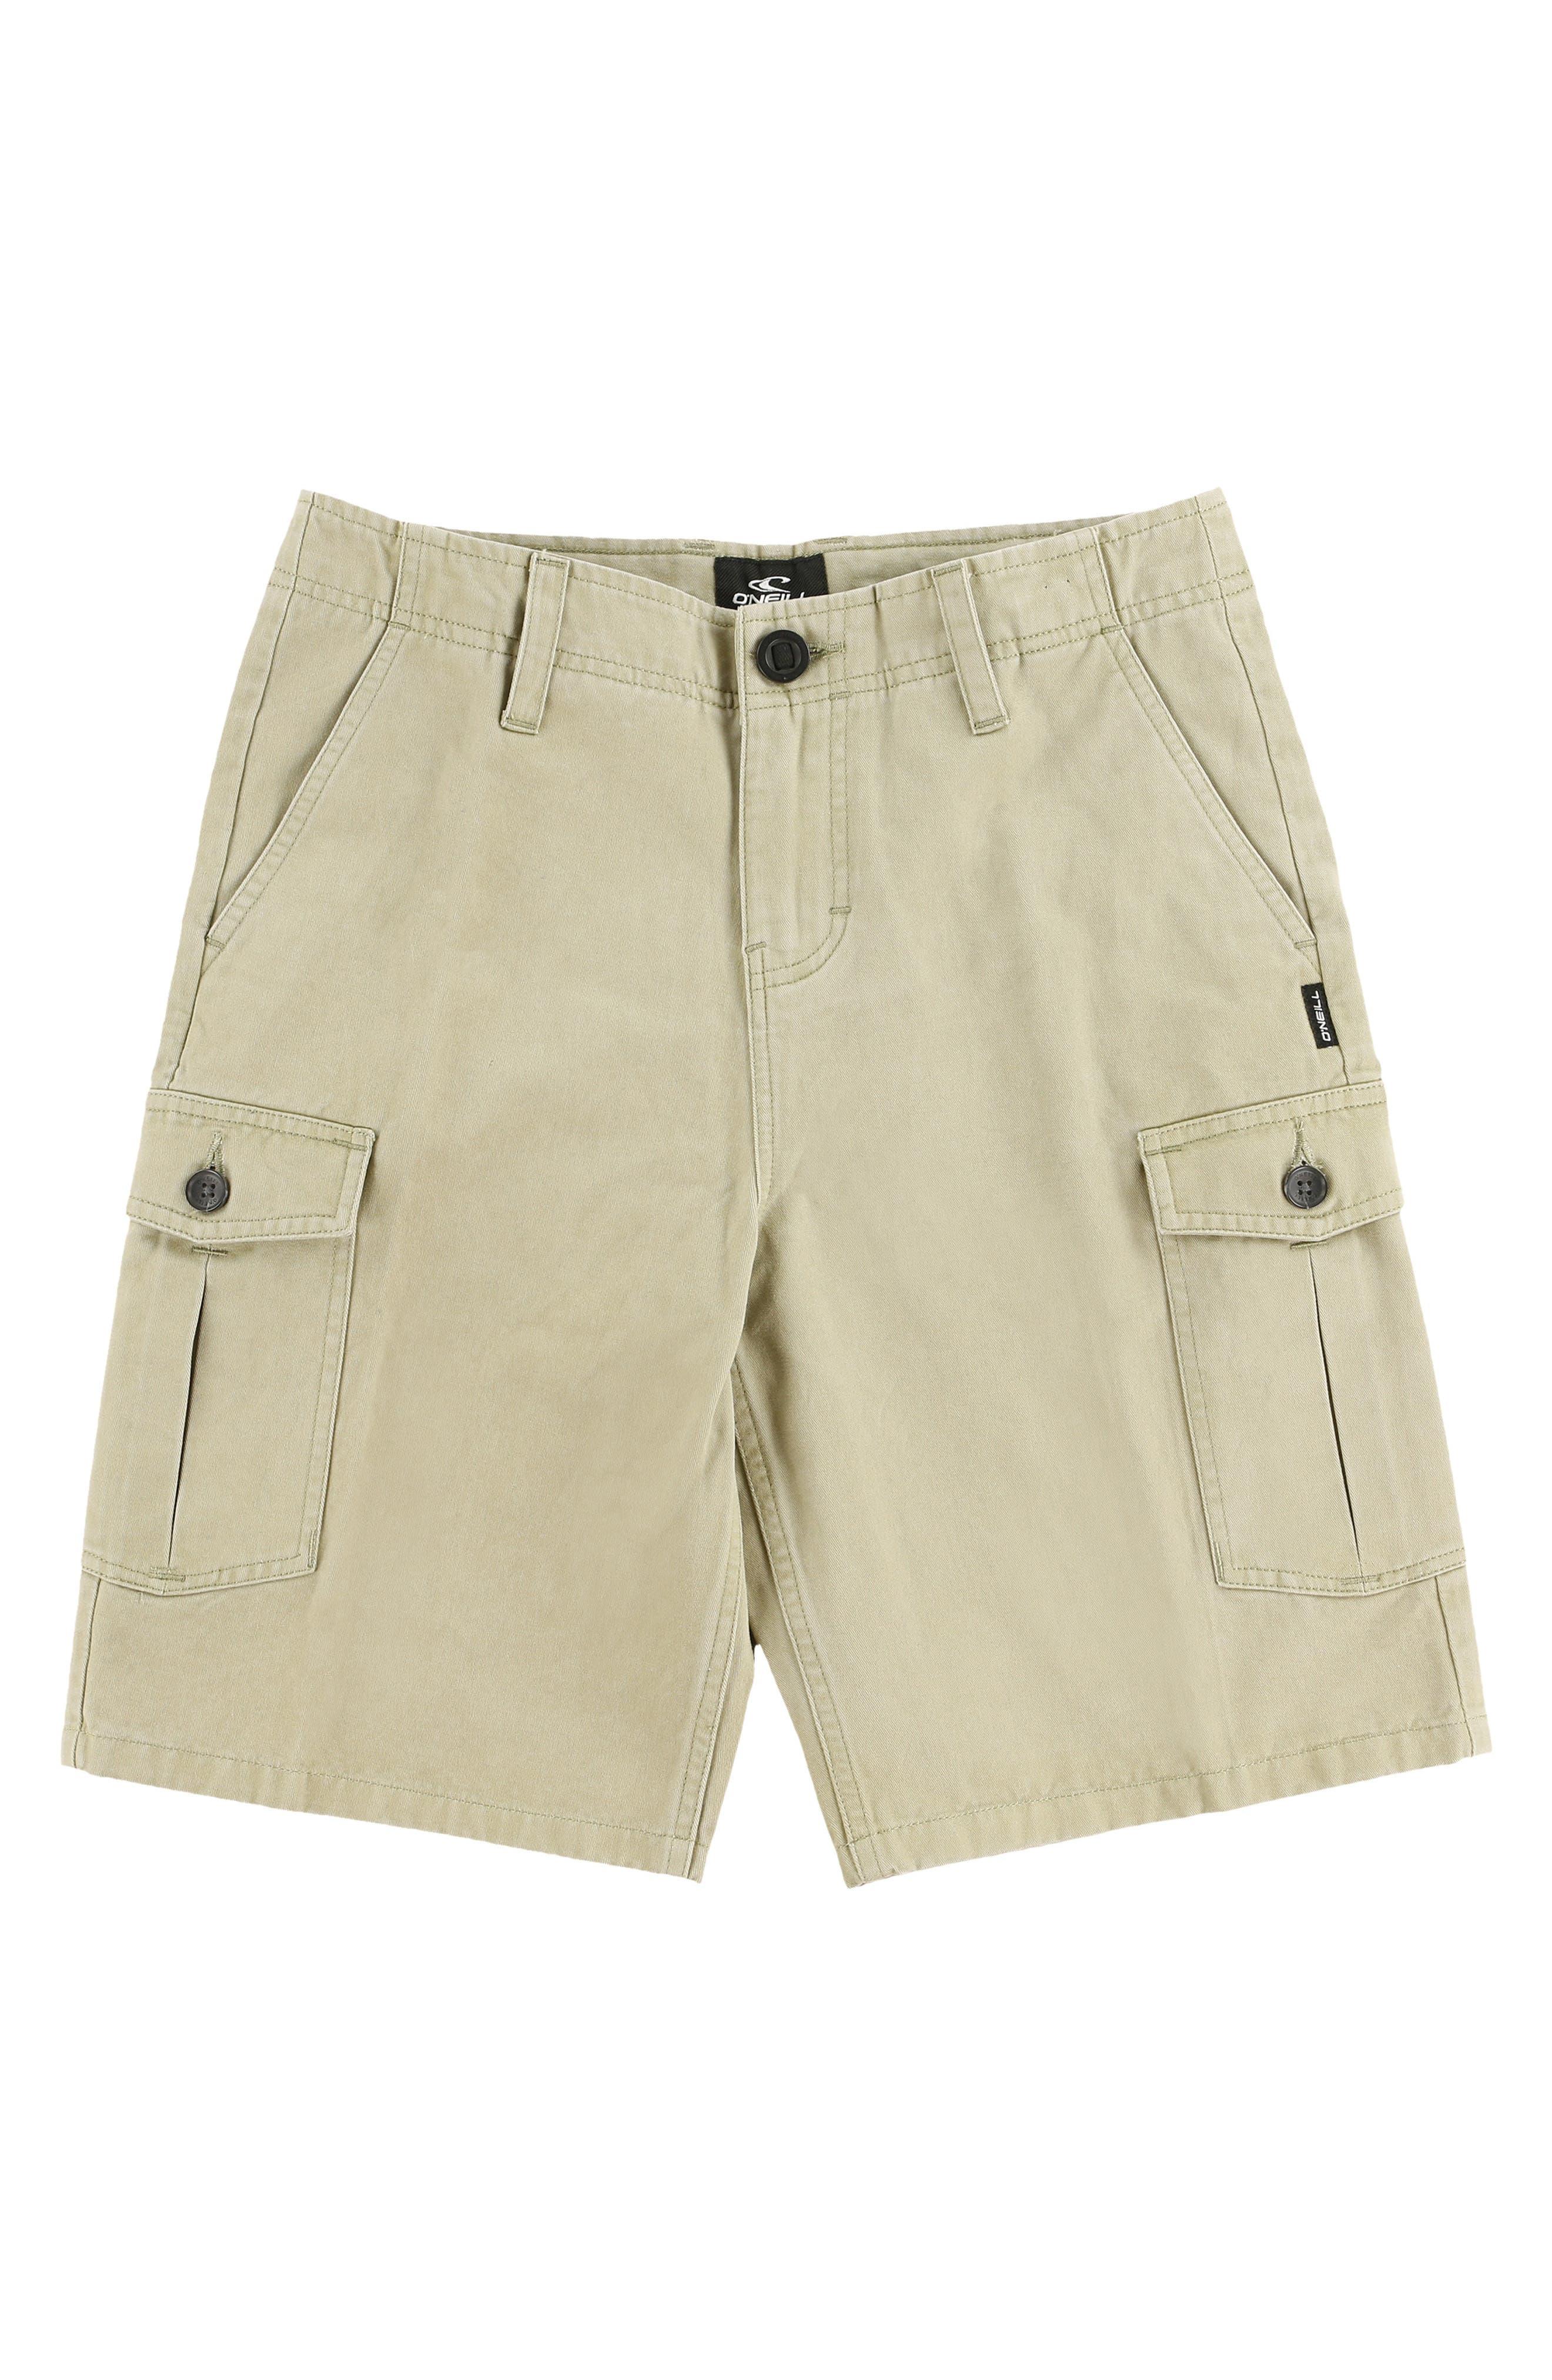 Johnny Cargo Shorts,                         Main,                         color, 251